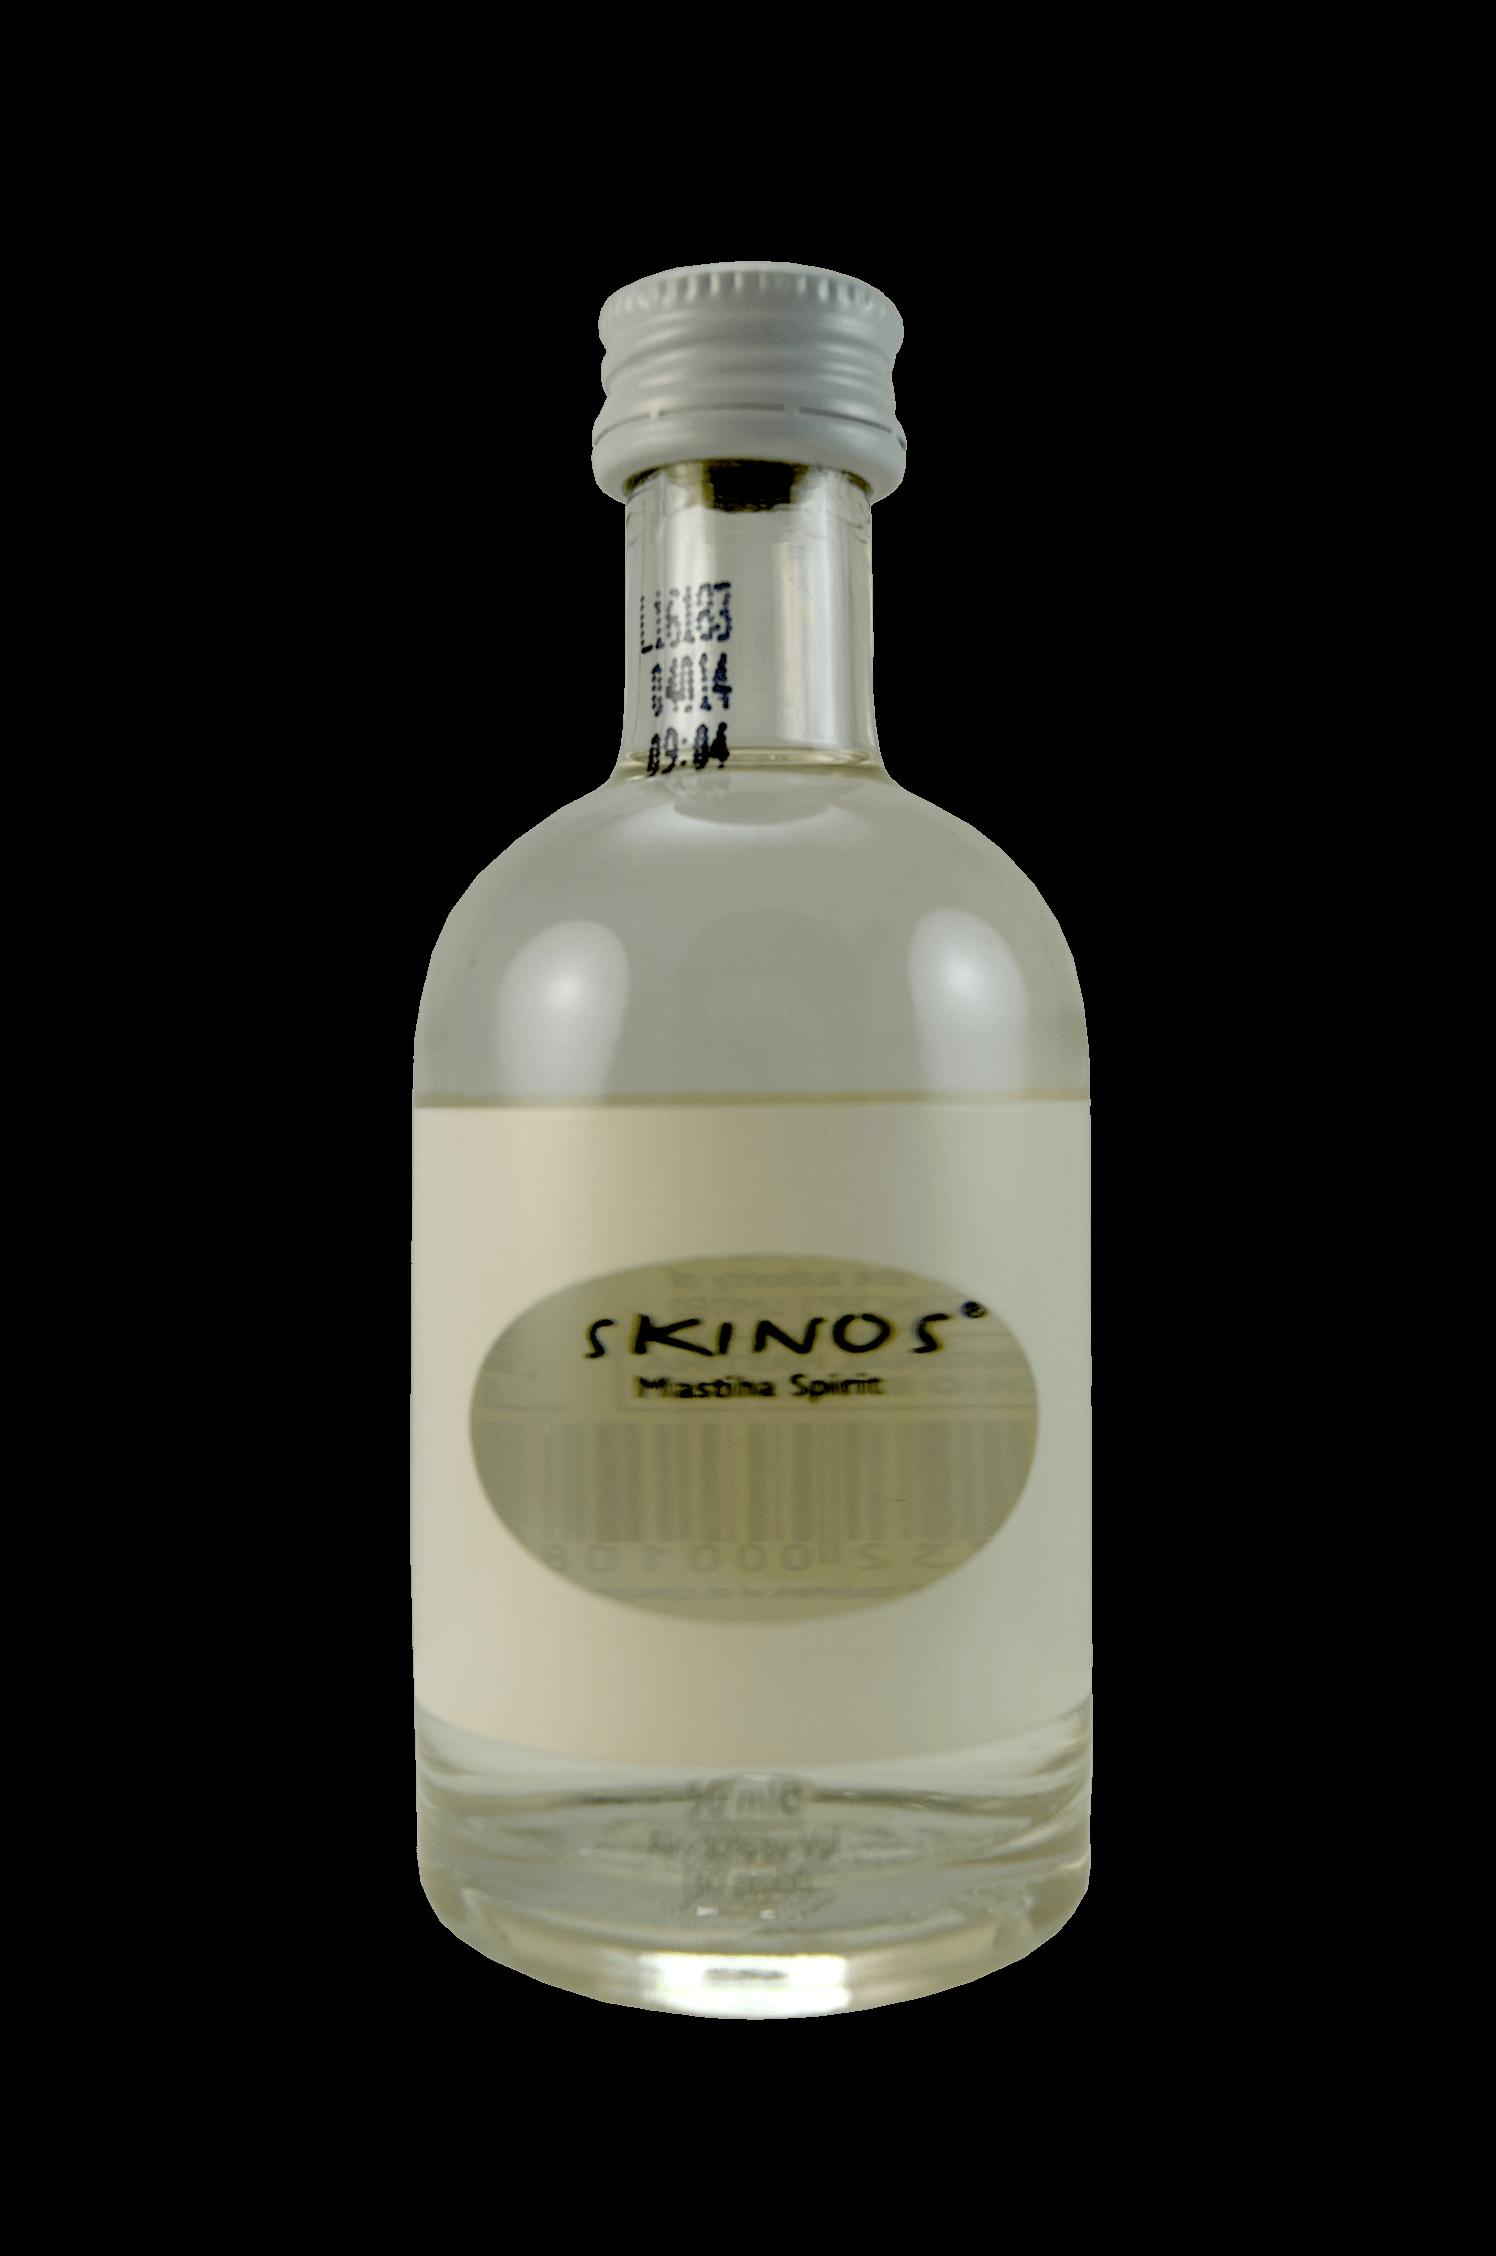 Skinos Mastiha Spirit Liqueur